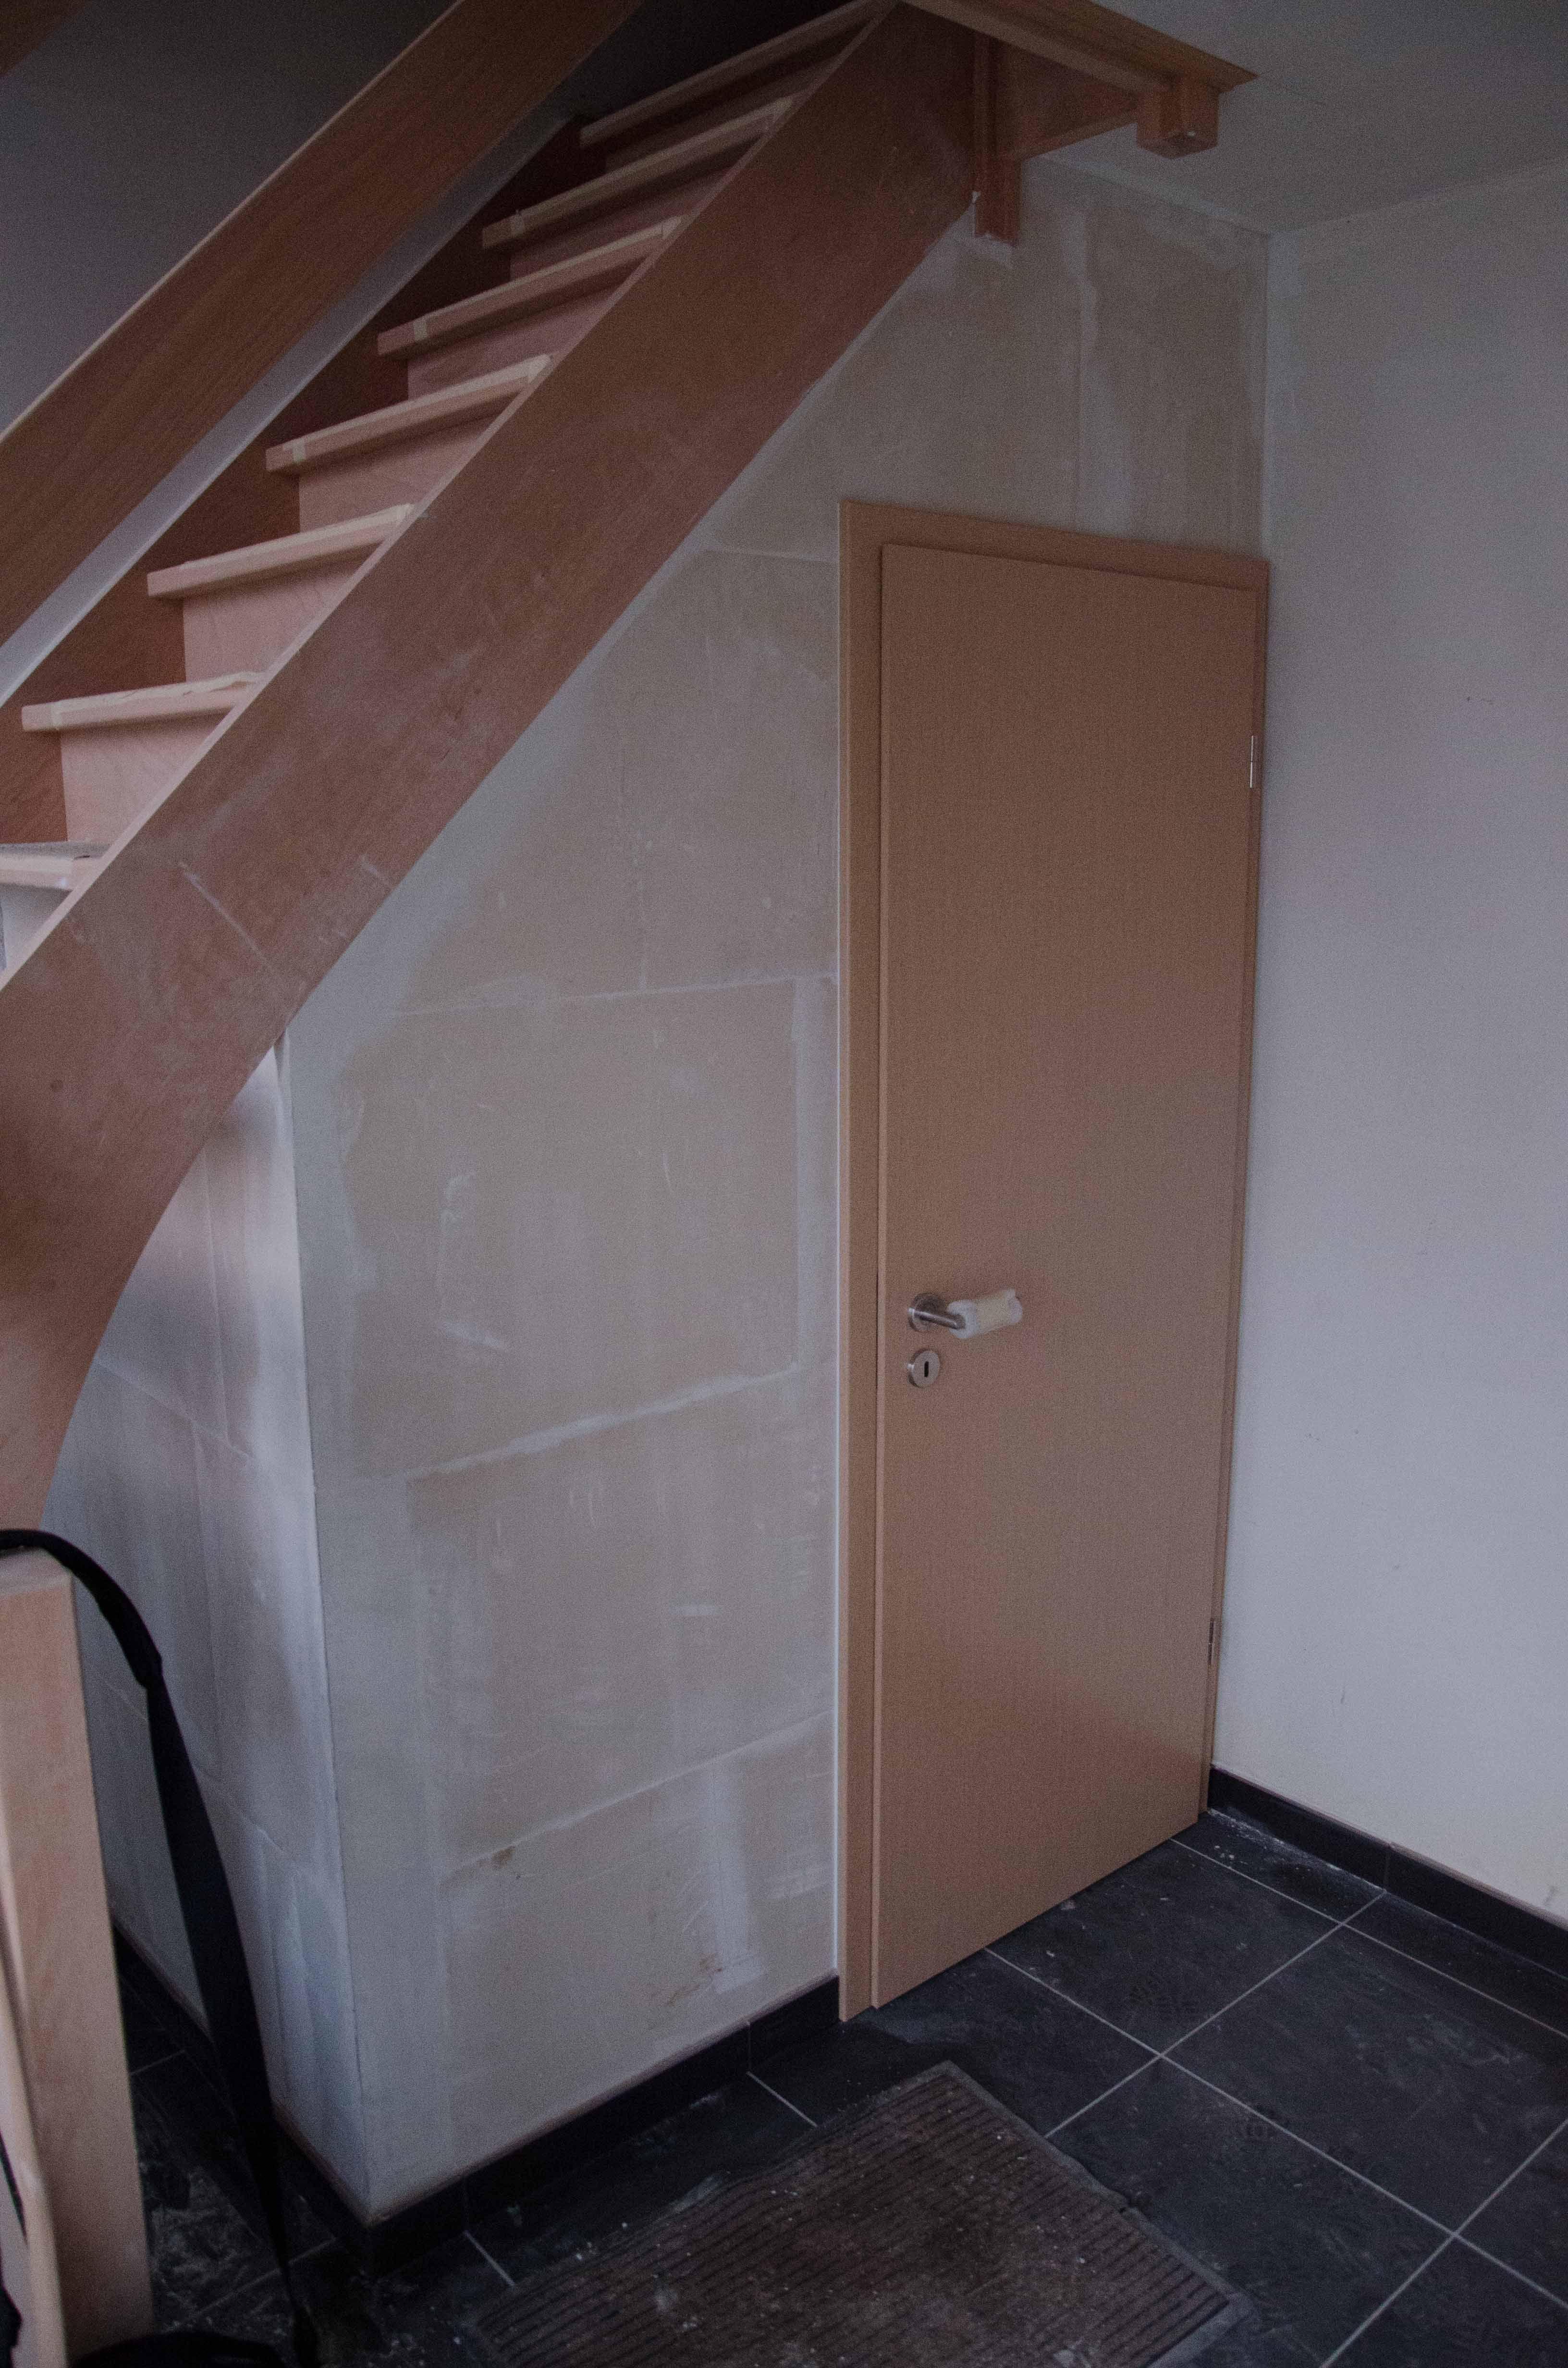 Toilettes sous escaliers recherche google escaliers - Decoration wc sous escalier ...